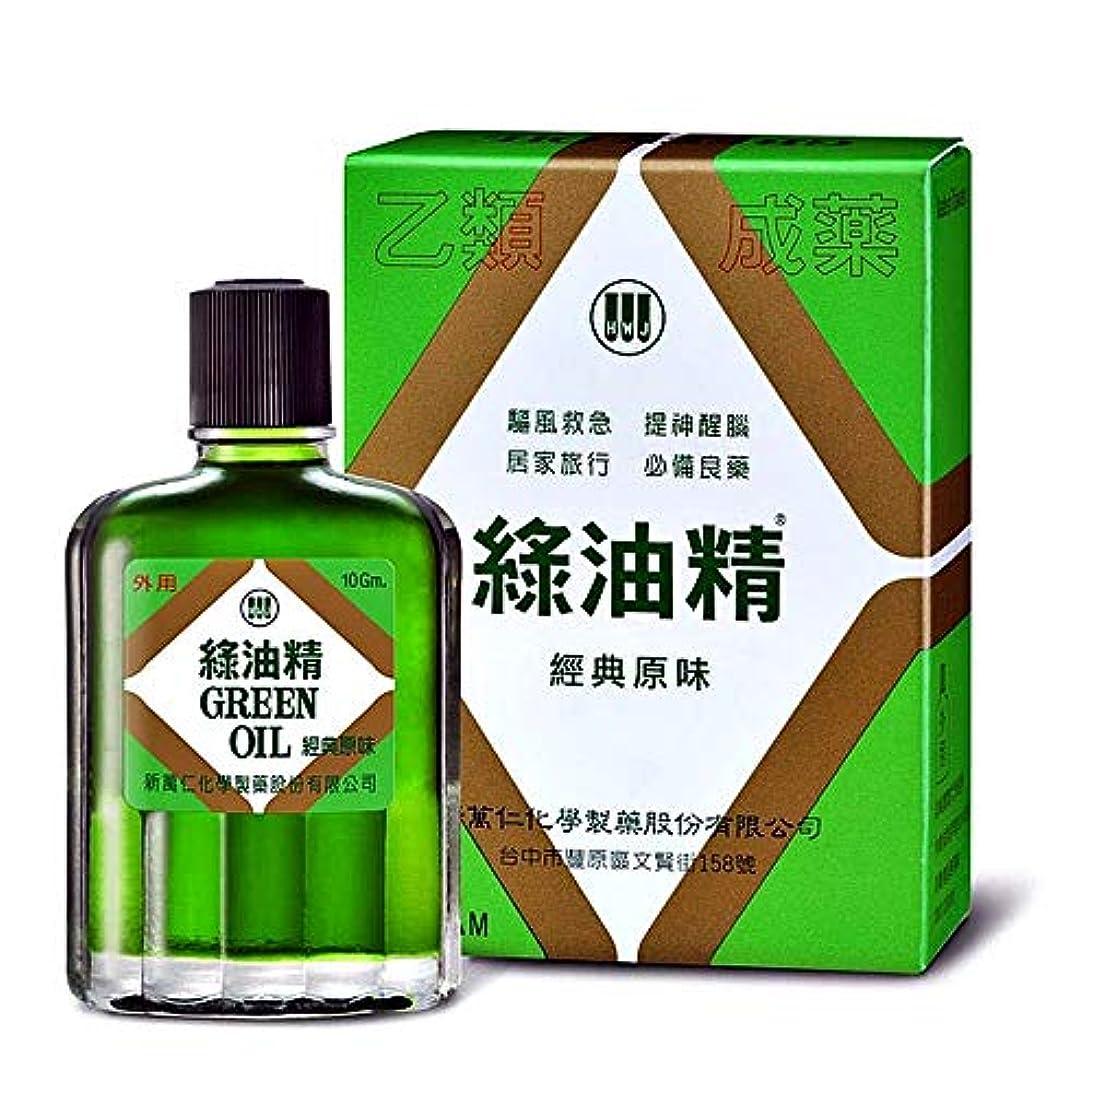 精算離れて発生《新萬仁》台湾の万能グリーンオイル 緑油精 10g 《台湾 お土産》 [並行輸入品]